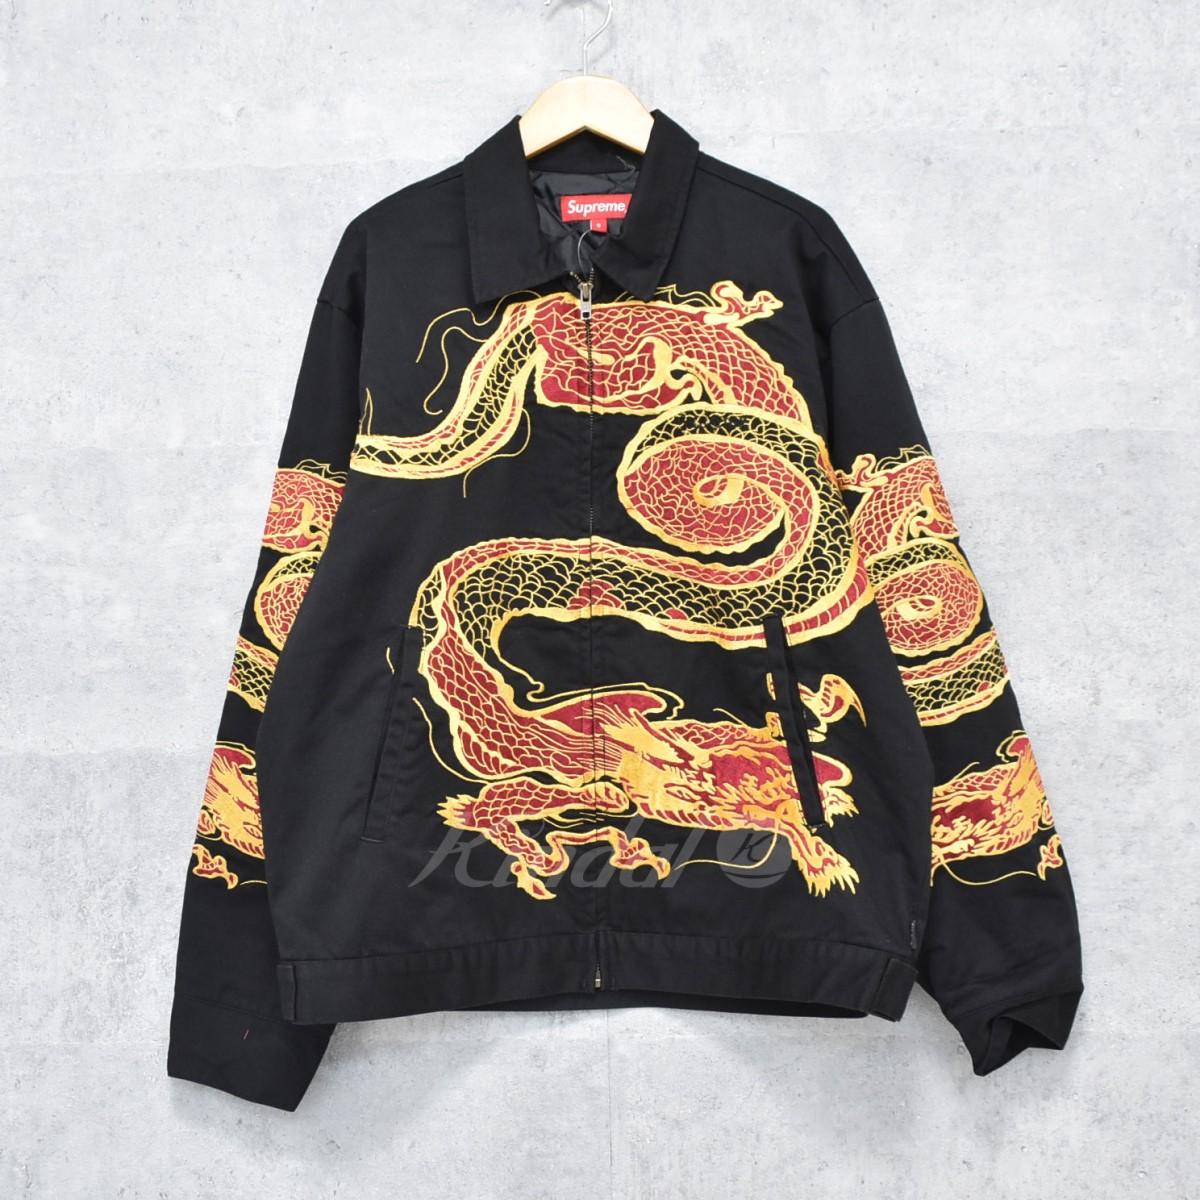 【中古】SUPREME 18AW Dragon Work Jacket ドラゴン ワークジャケット 【送料無料】 【258459】 【KIND1550】